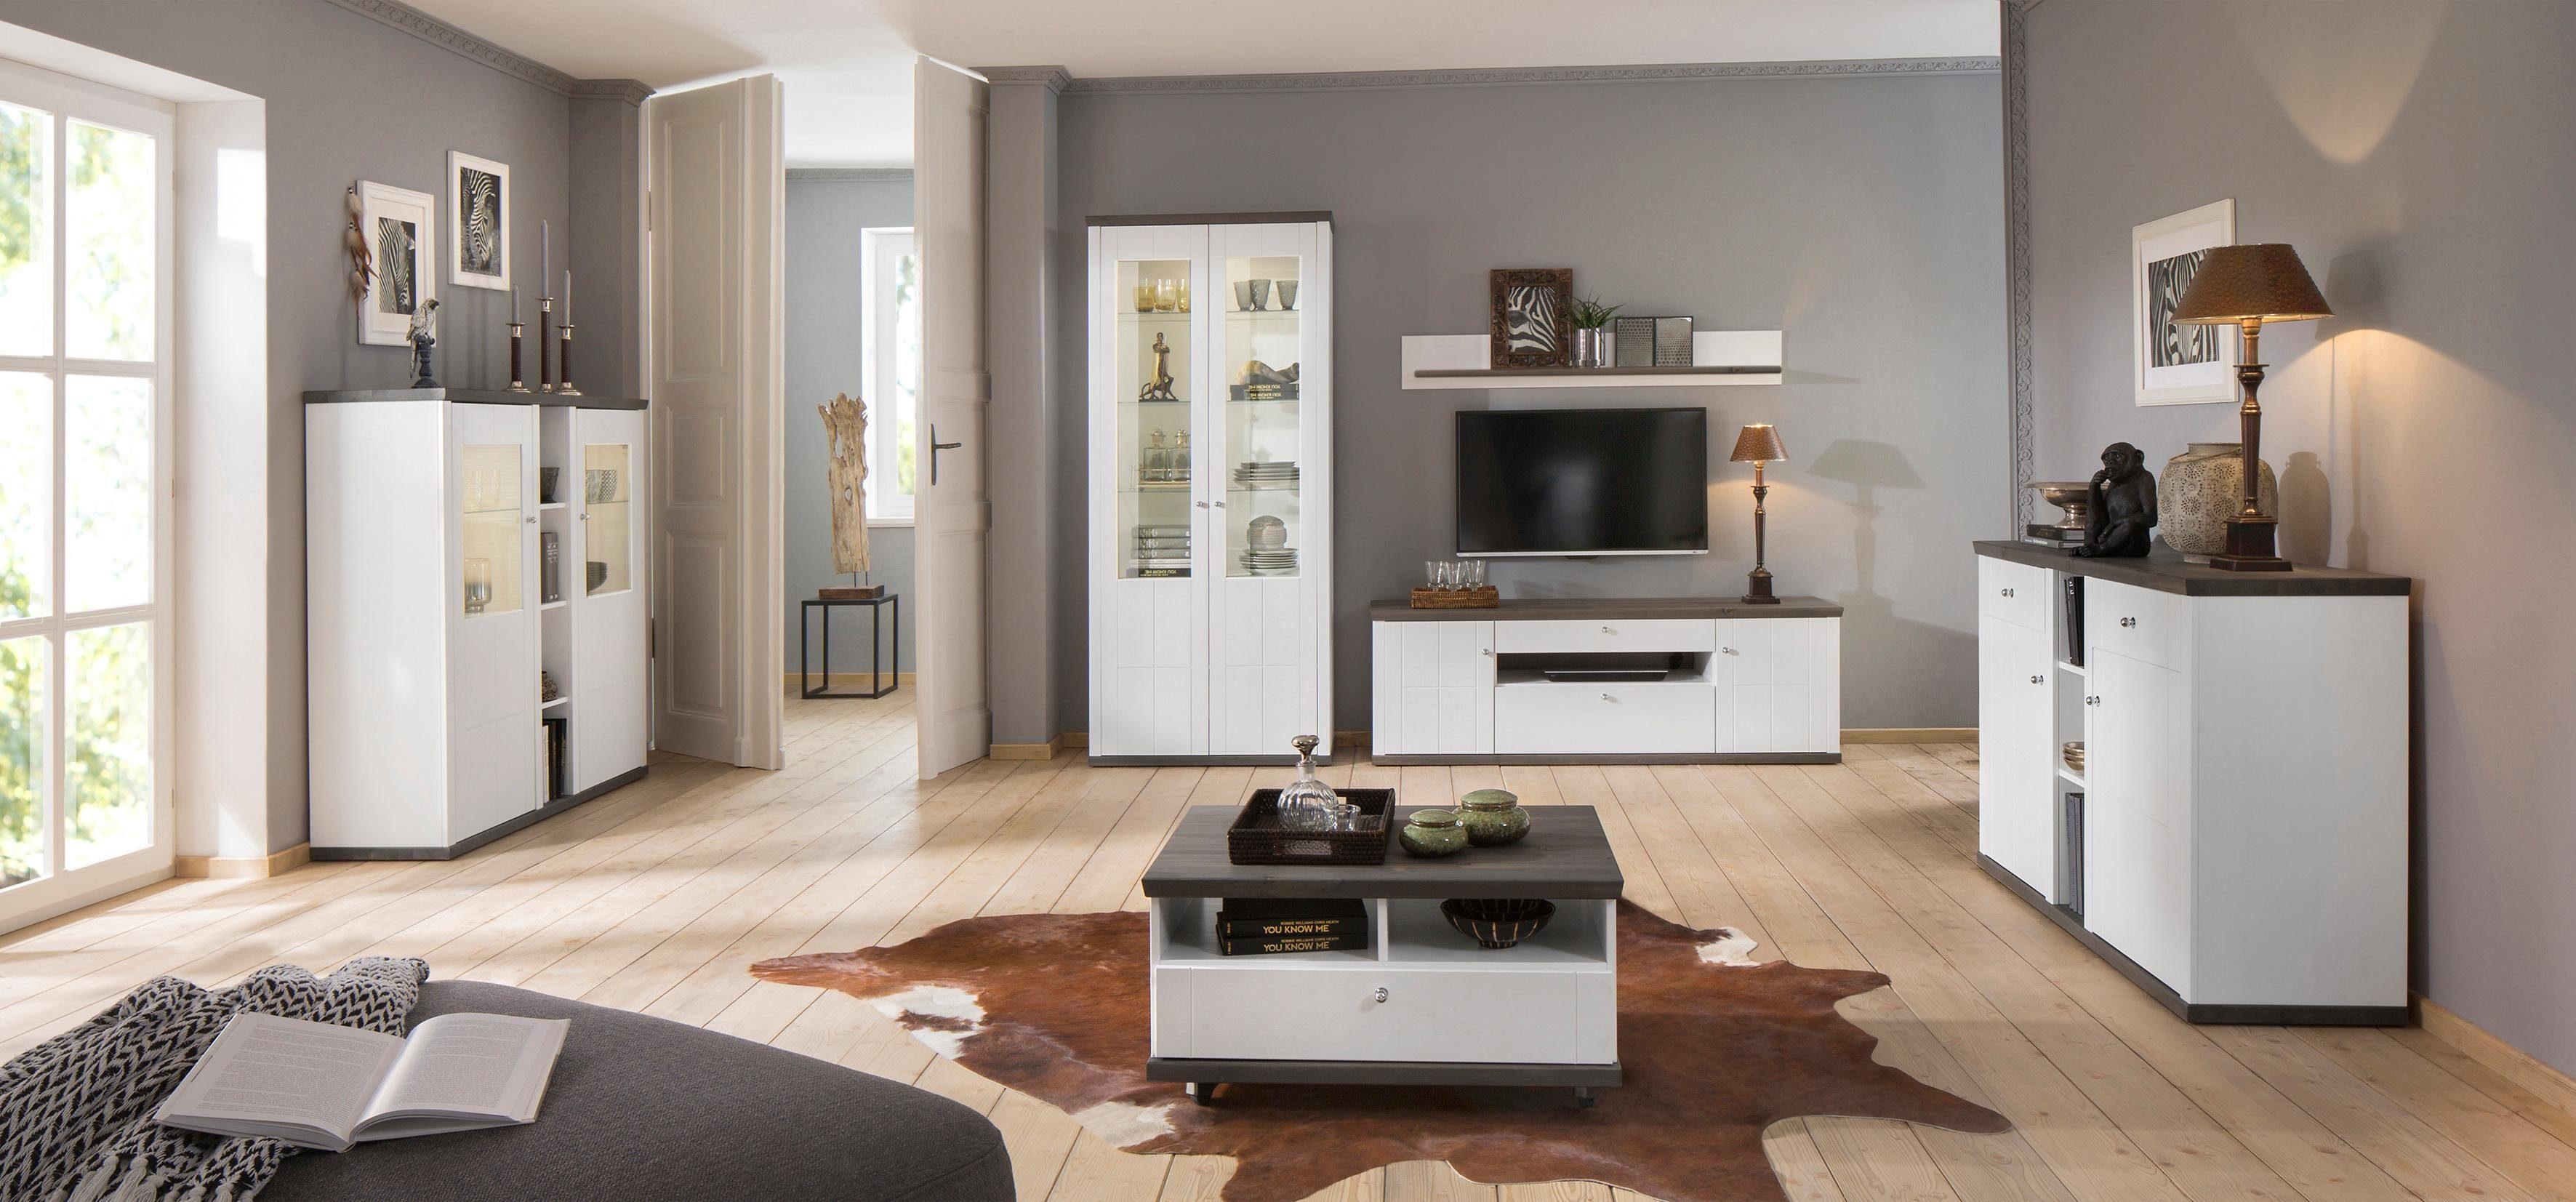 Premium Collection by Home affaire Sideboard »Delice« im Landhausstil, mit Soft-Close Funktion, Breite 132 cm